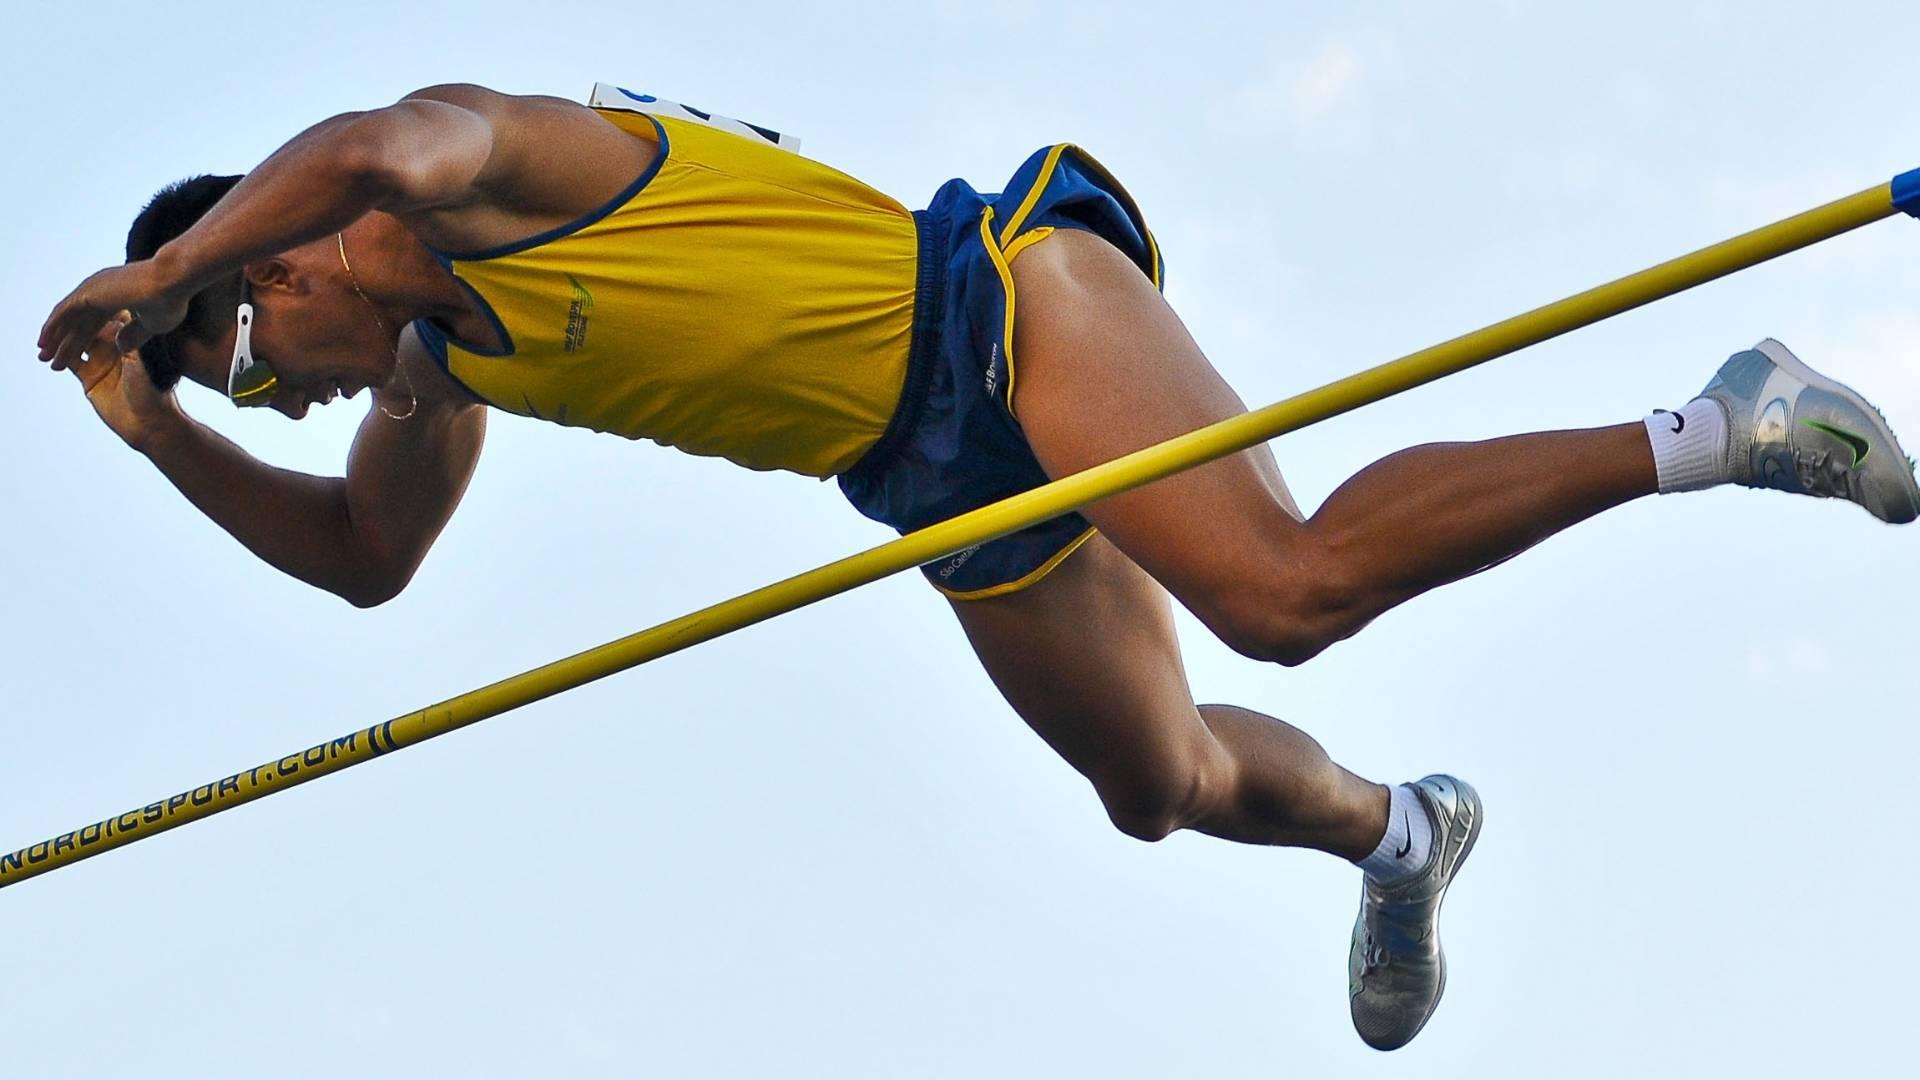 Fábio Gomes da Silva saltou 5,65 m e garantiu presença na final do salto com vara no Mundial de Daegu (27/08/2011)